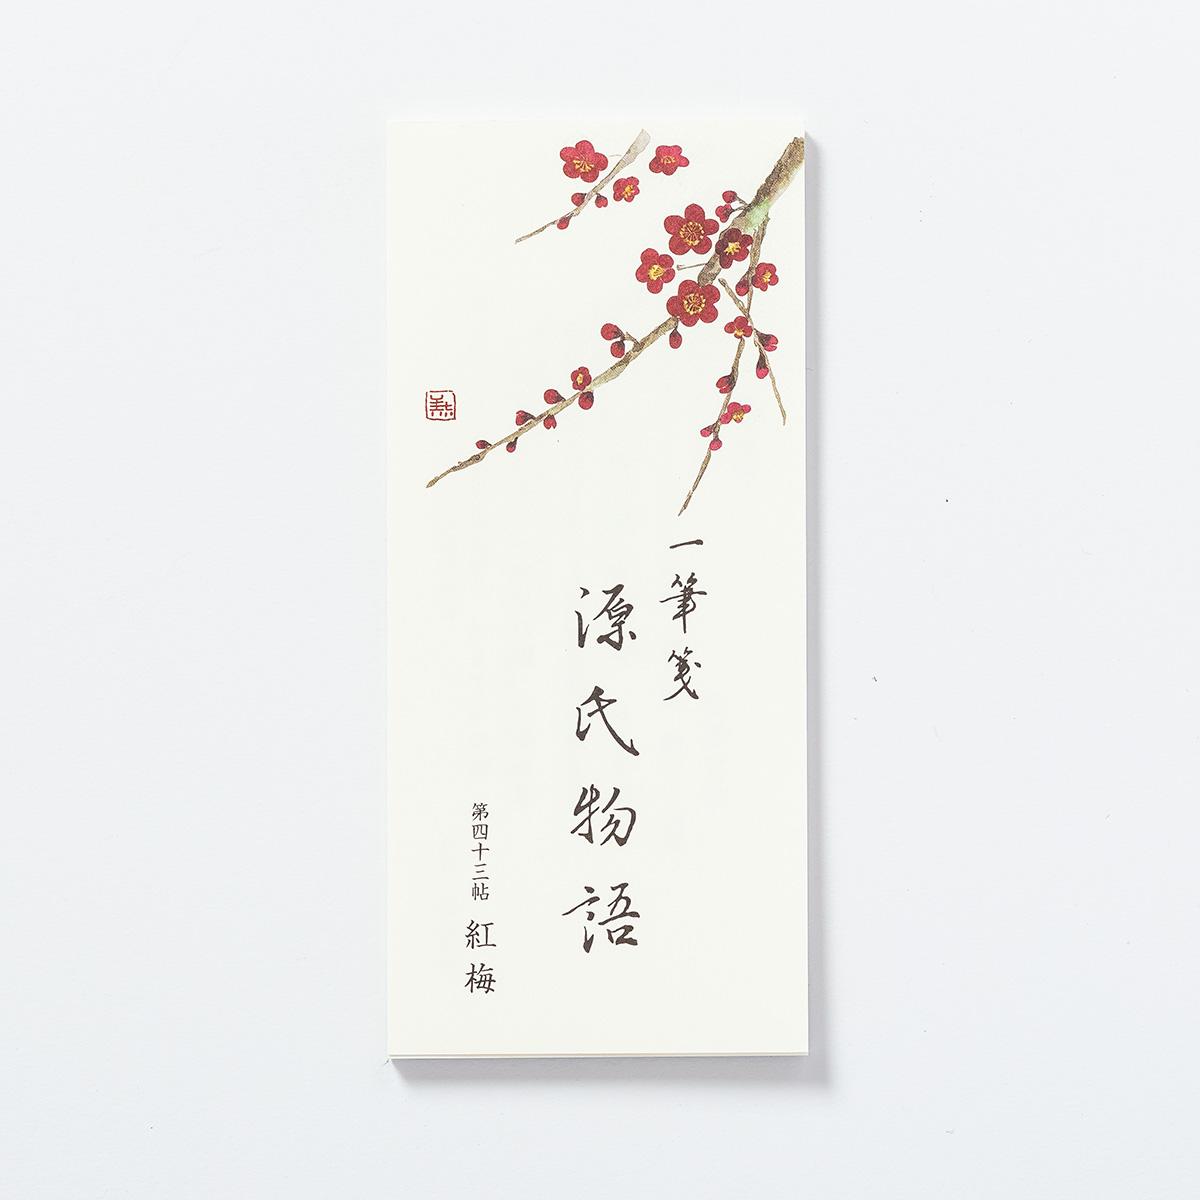 源氏物語一筆箋 第43帖「紅梅」